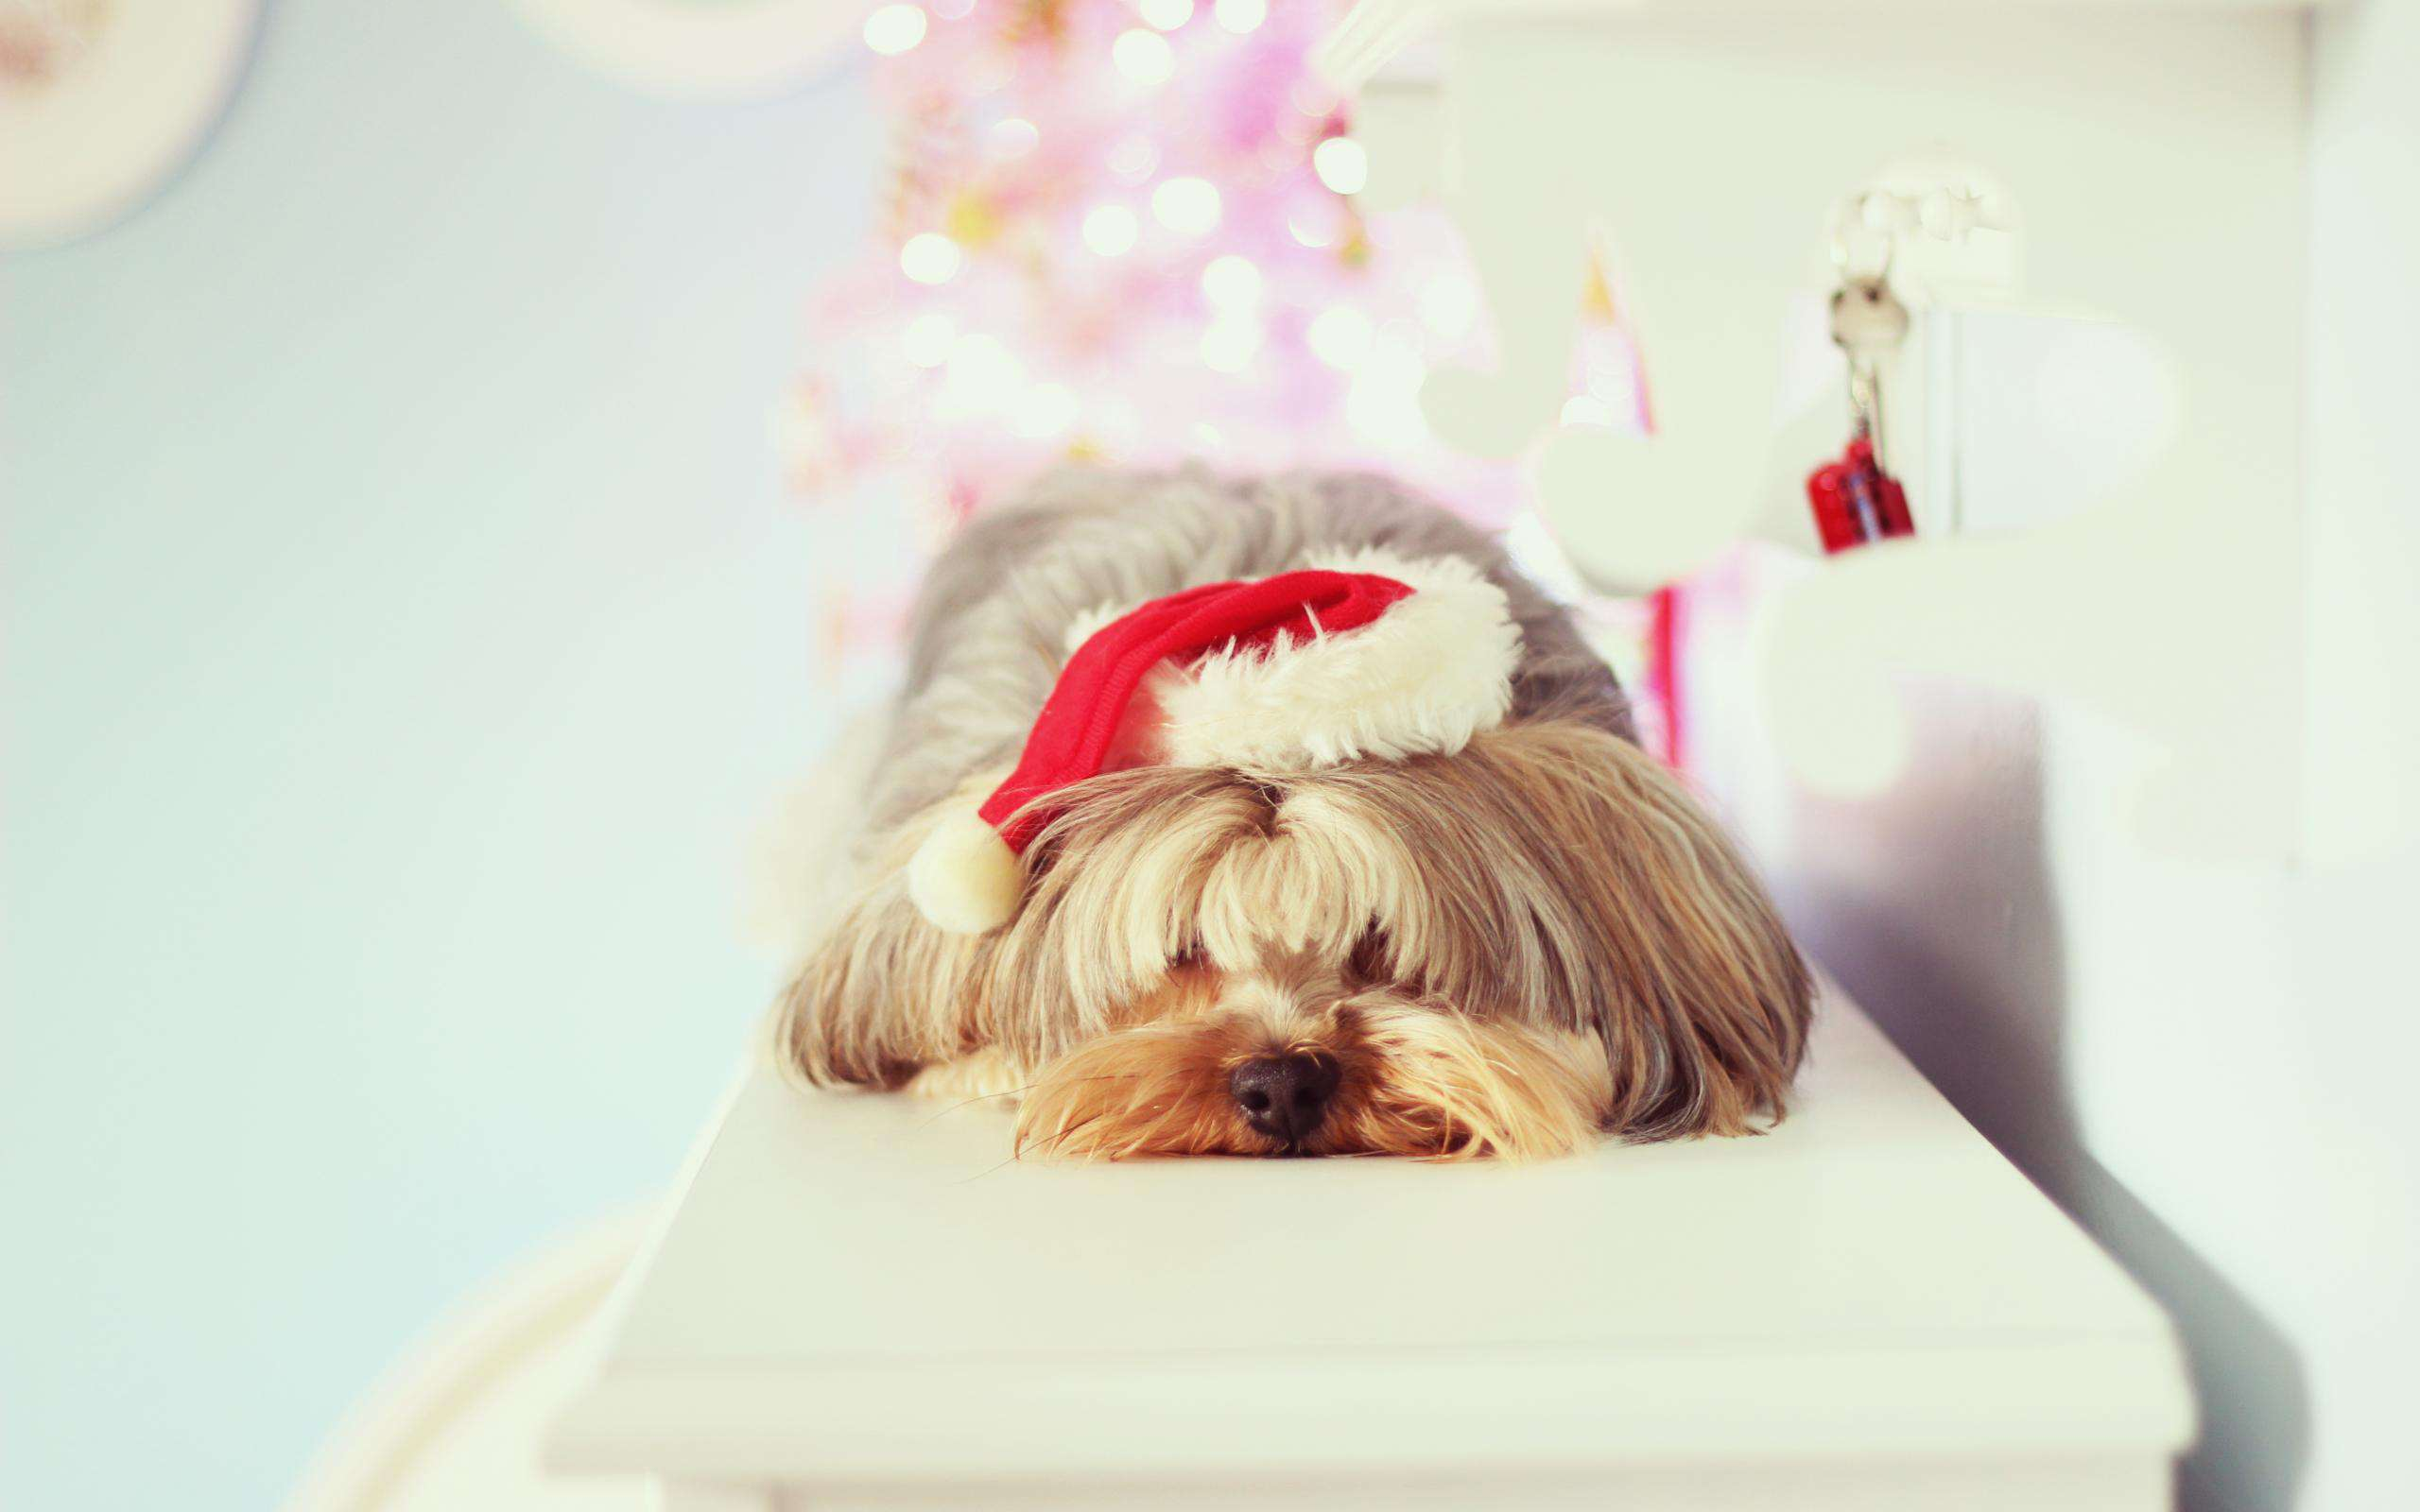 собачка в новогодней шапочке  № 1301994 бесплатно